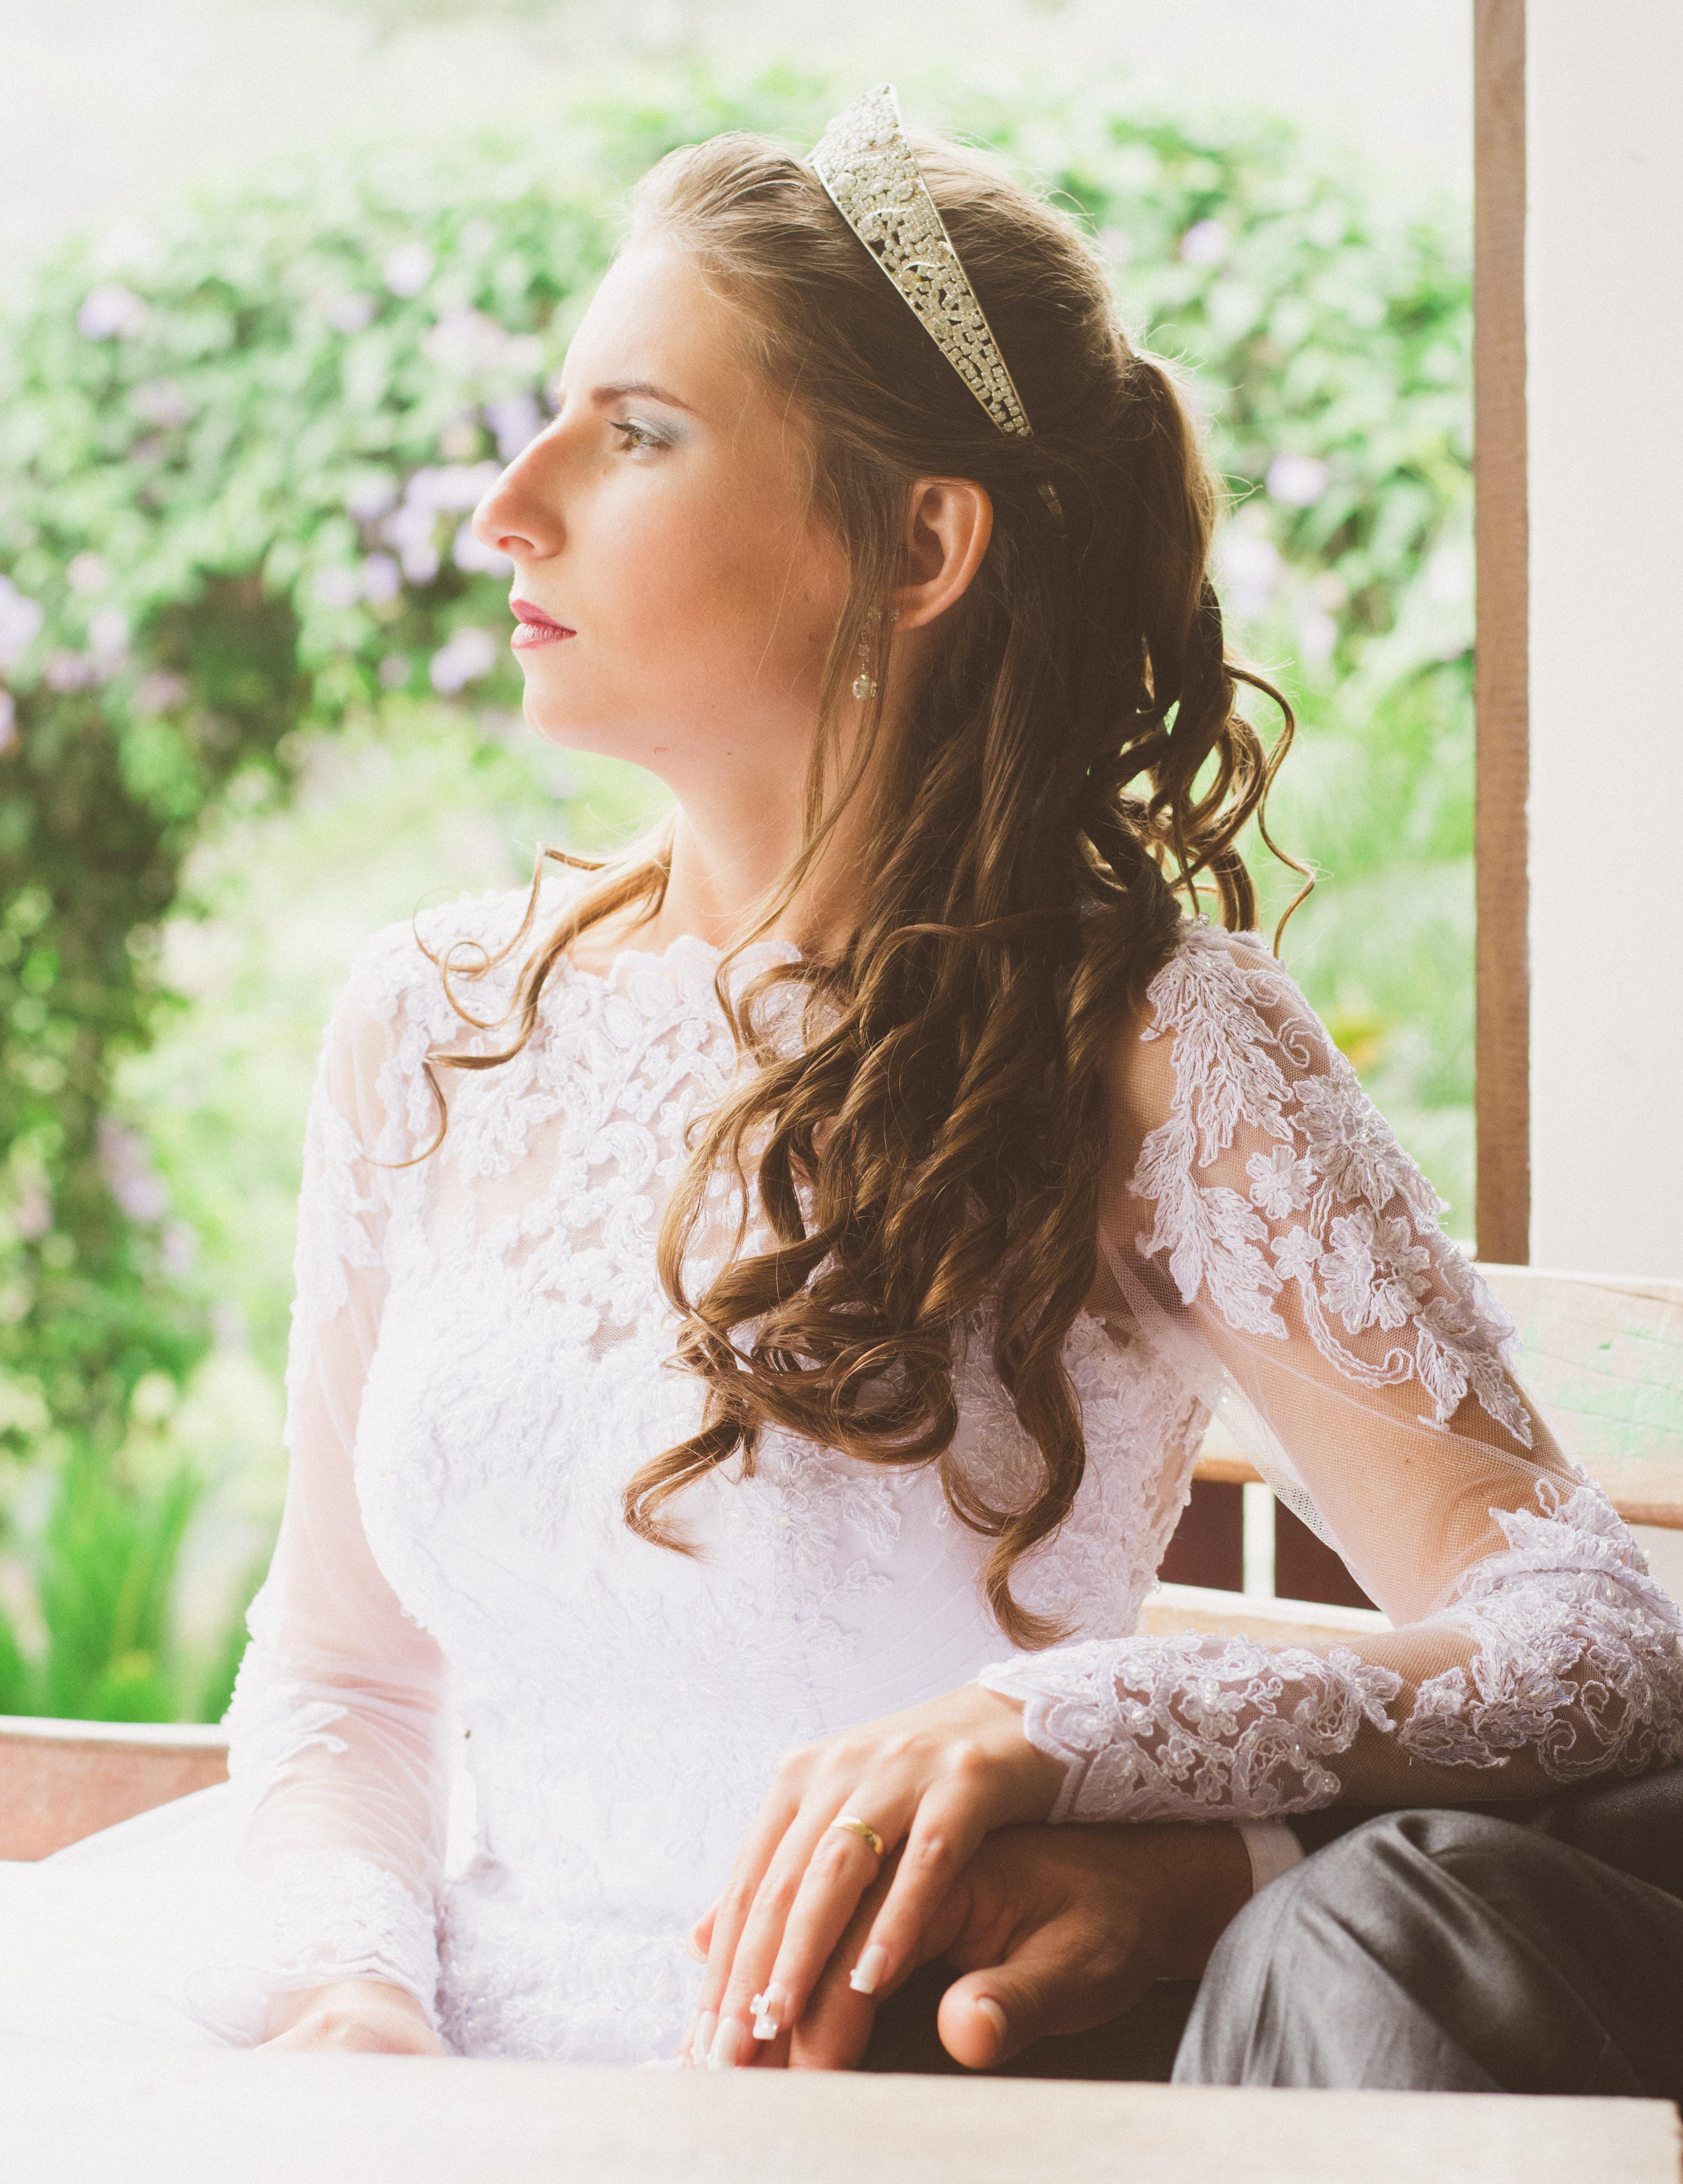 Find a Click fotografia de casamento cariacica es-332